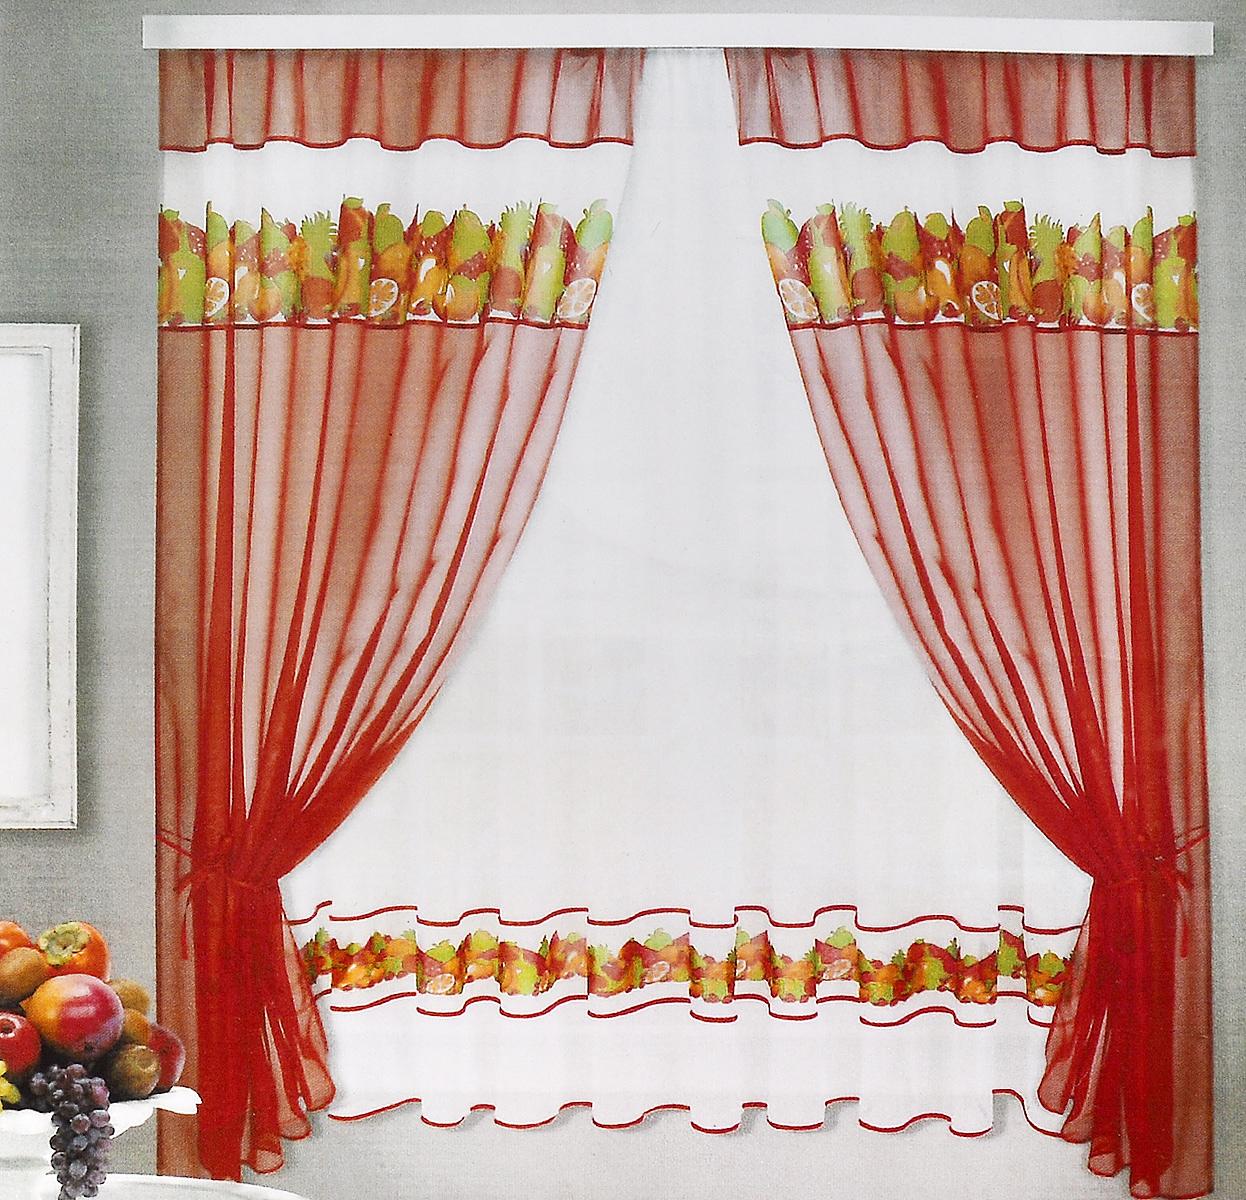 Комплект штор для кухни ТД Текстиль Фруктовая поляна, на ленте, цвет: бордовый, белый, 5 предметов81247Комплект штор для кухни ТД Текстиль Фруктовая поляна, выполненный из вуалевого полотна (100% полиэстер), великолепно украсит любое окно. Комплект состоит из тюля, двух штор и двух подхватов. Оригинальный дизайн и яркая цветовая гамма привлекут к себе внимание и органично впишутся в интерьер помещения.Комплект крепится на карниз при помощи ленты, которая поможет красиво и равномерно задрапировать верх. Комплект будет долгое время радовать вас и вашу семью!